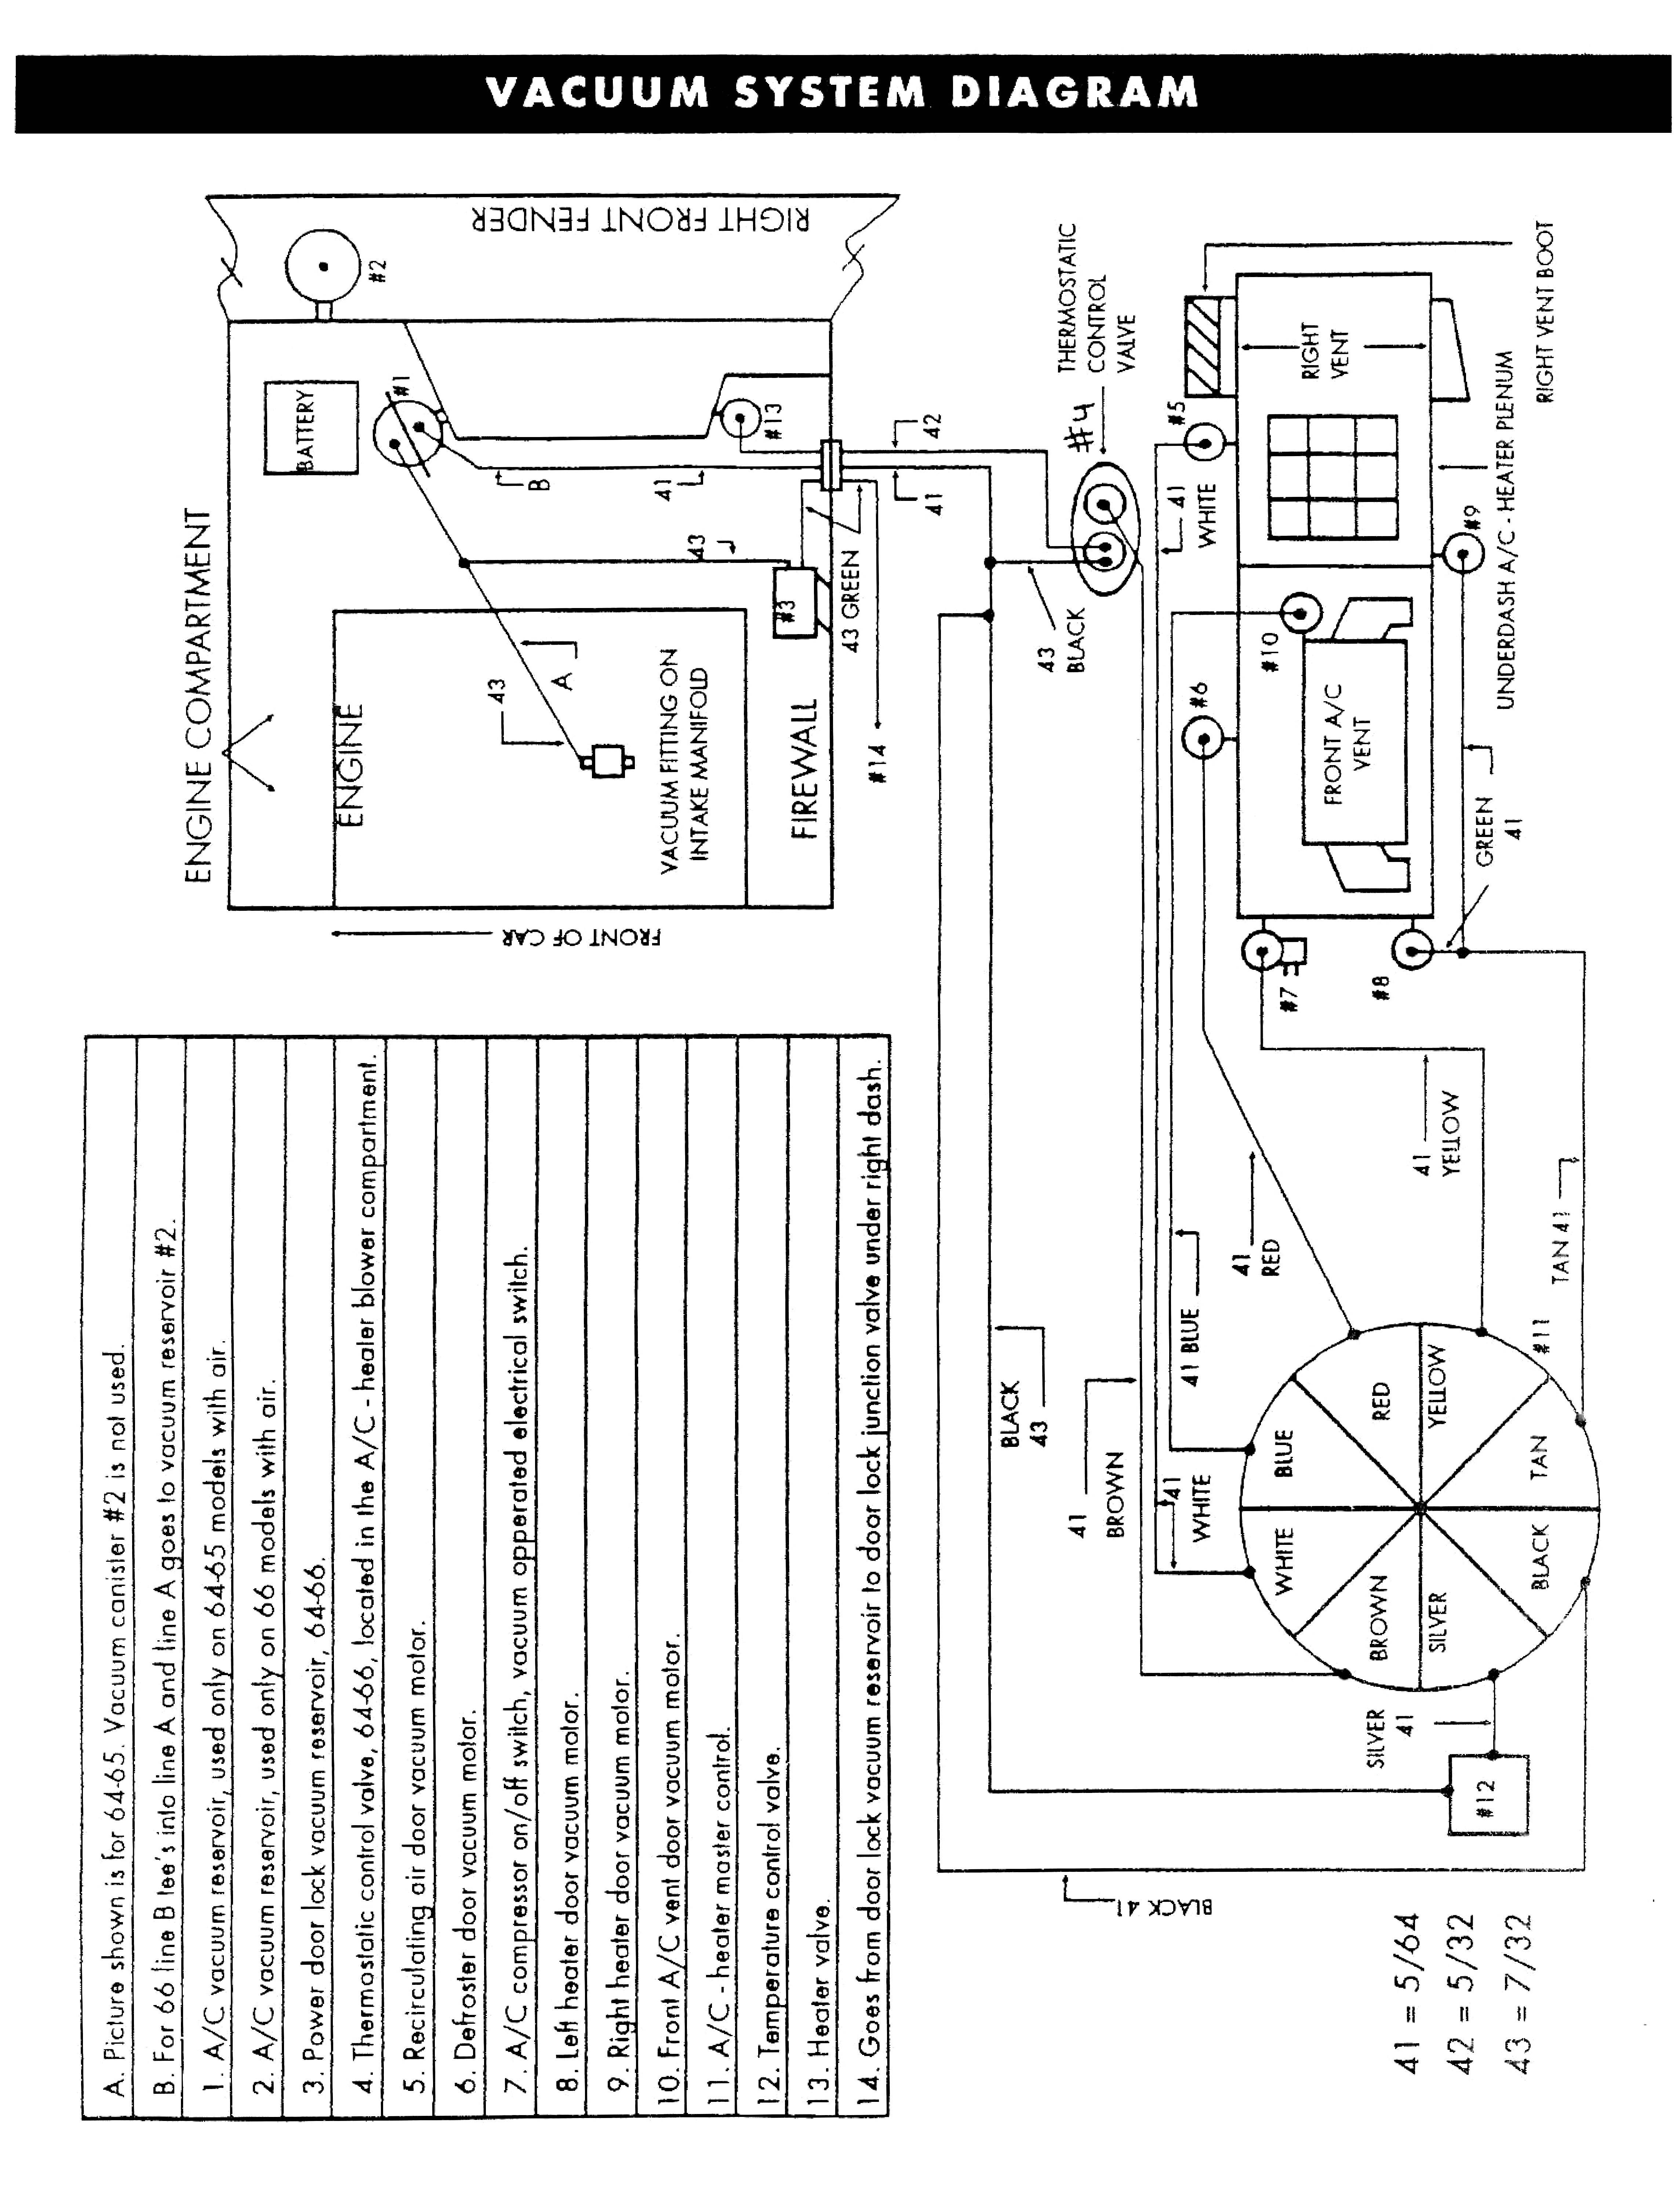 1958 68 Ford Electrical Schematics 1968 Pontiac Vacuum Diagram Flarebird Diagrams